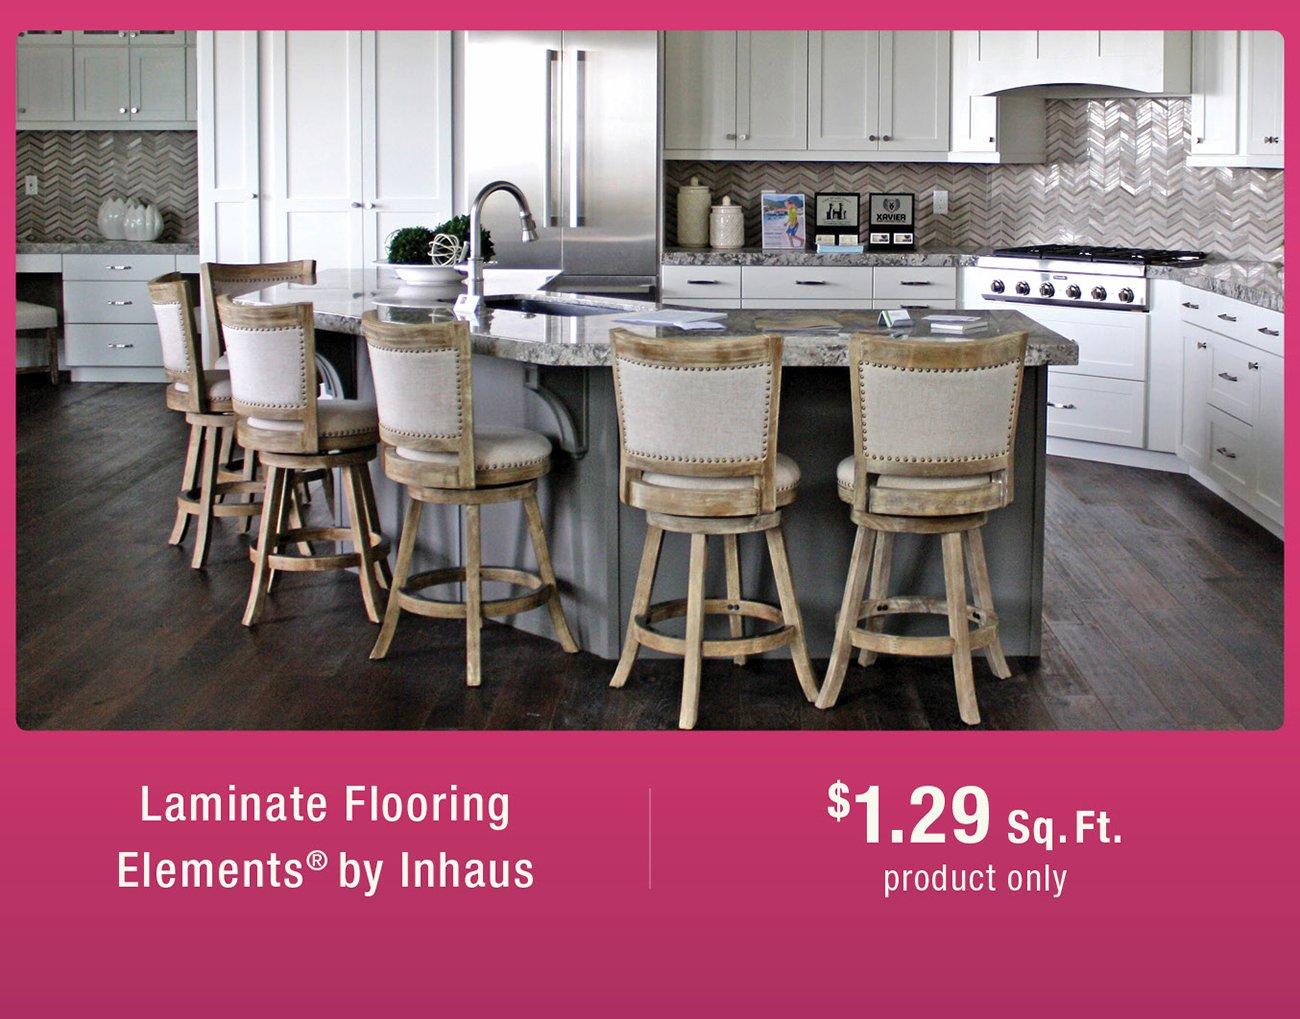 Inhaus laminate flooring